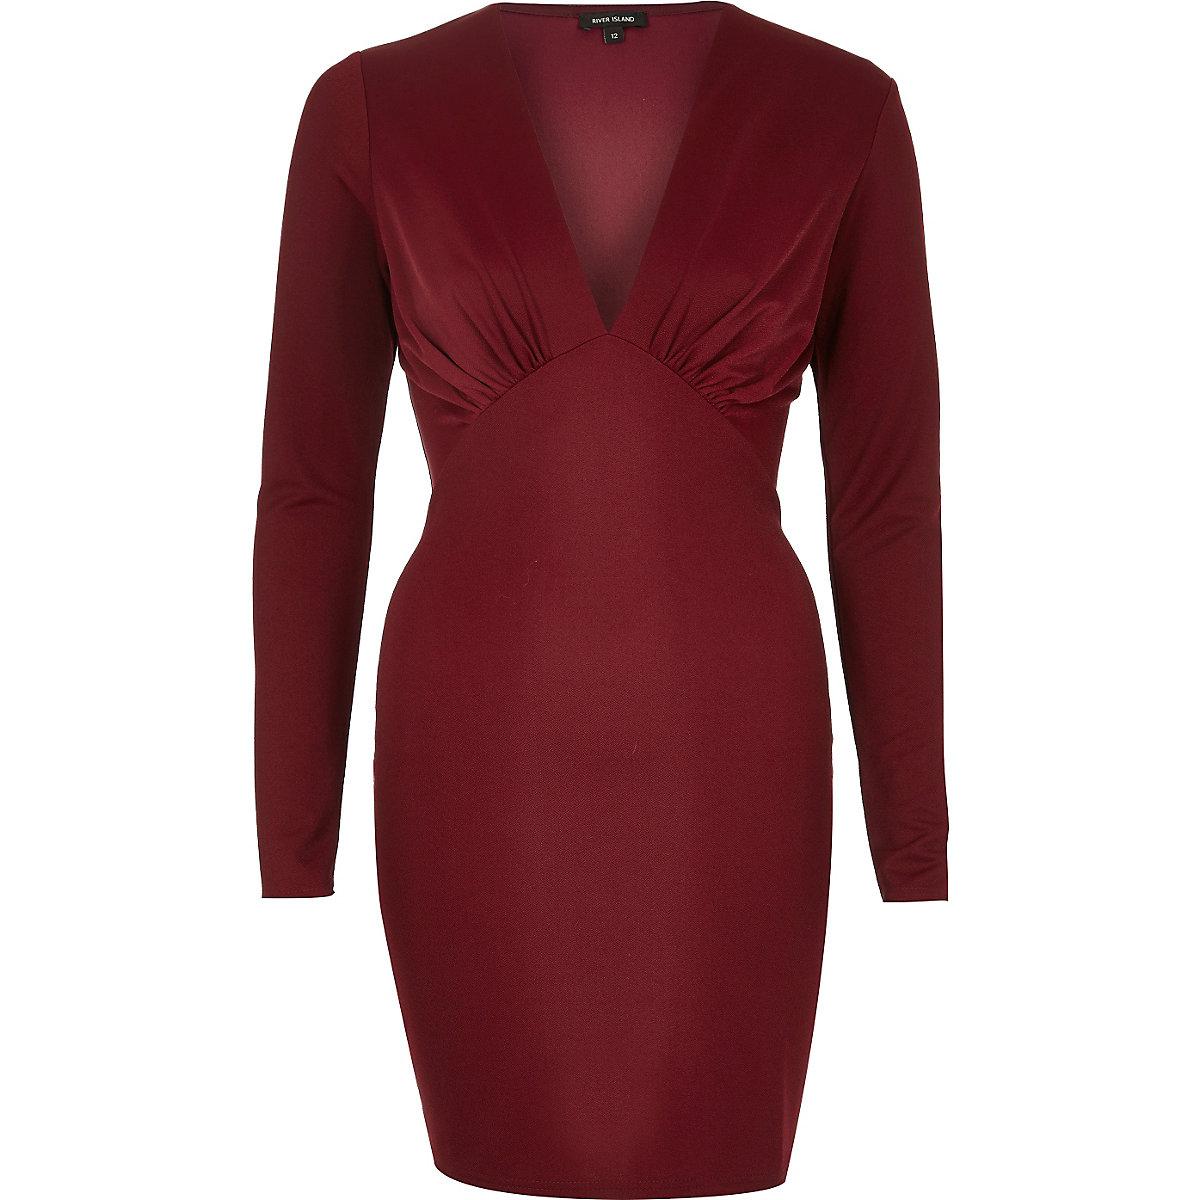 Dark red plunge bodycon mini dress